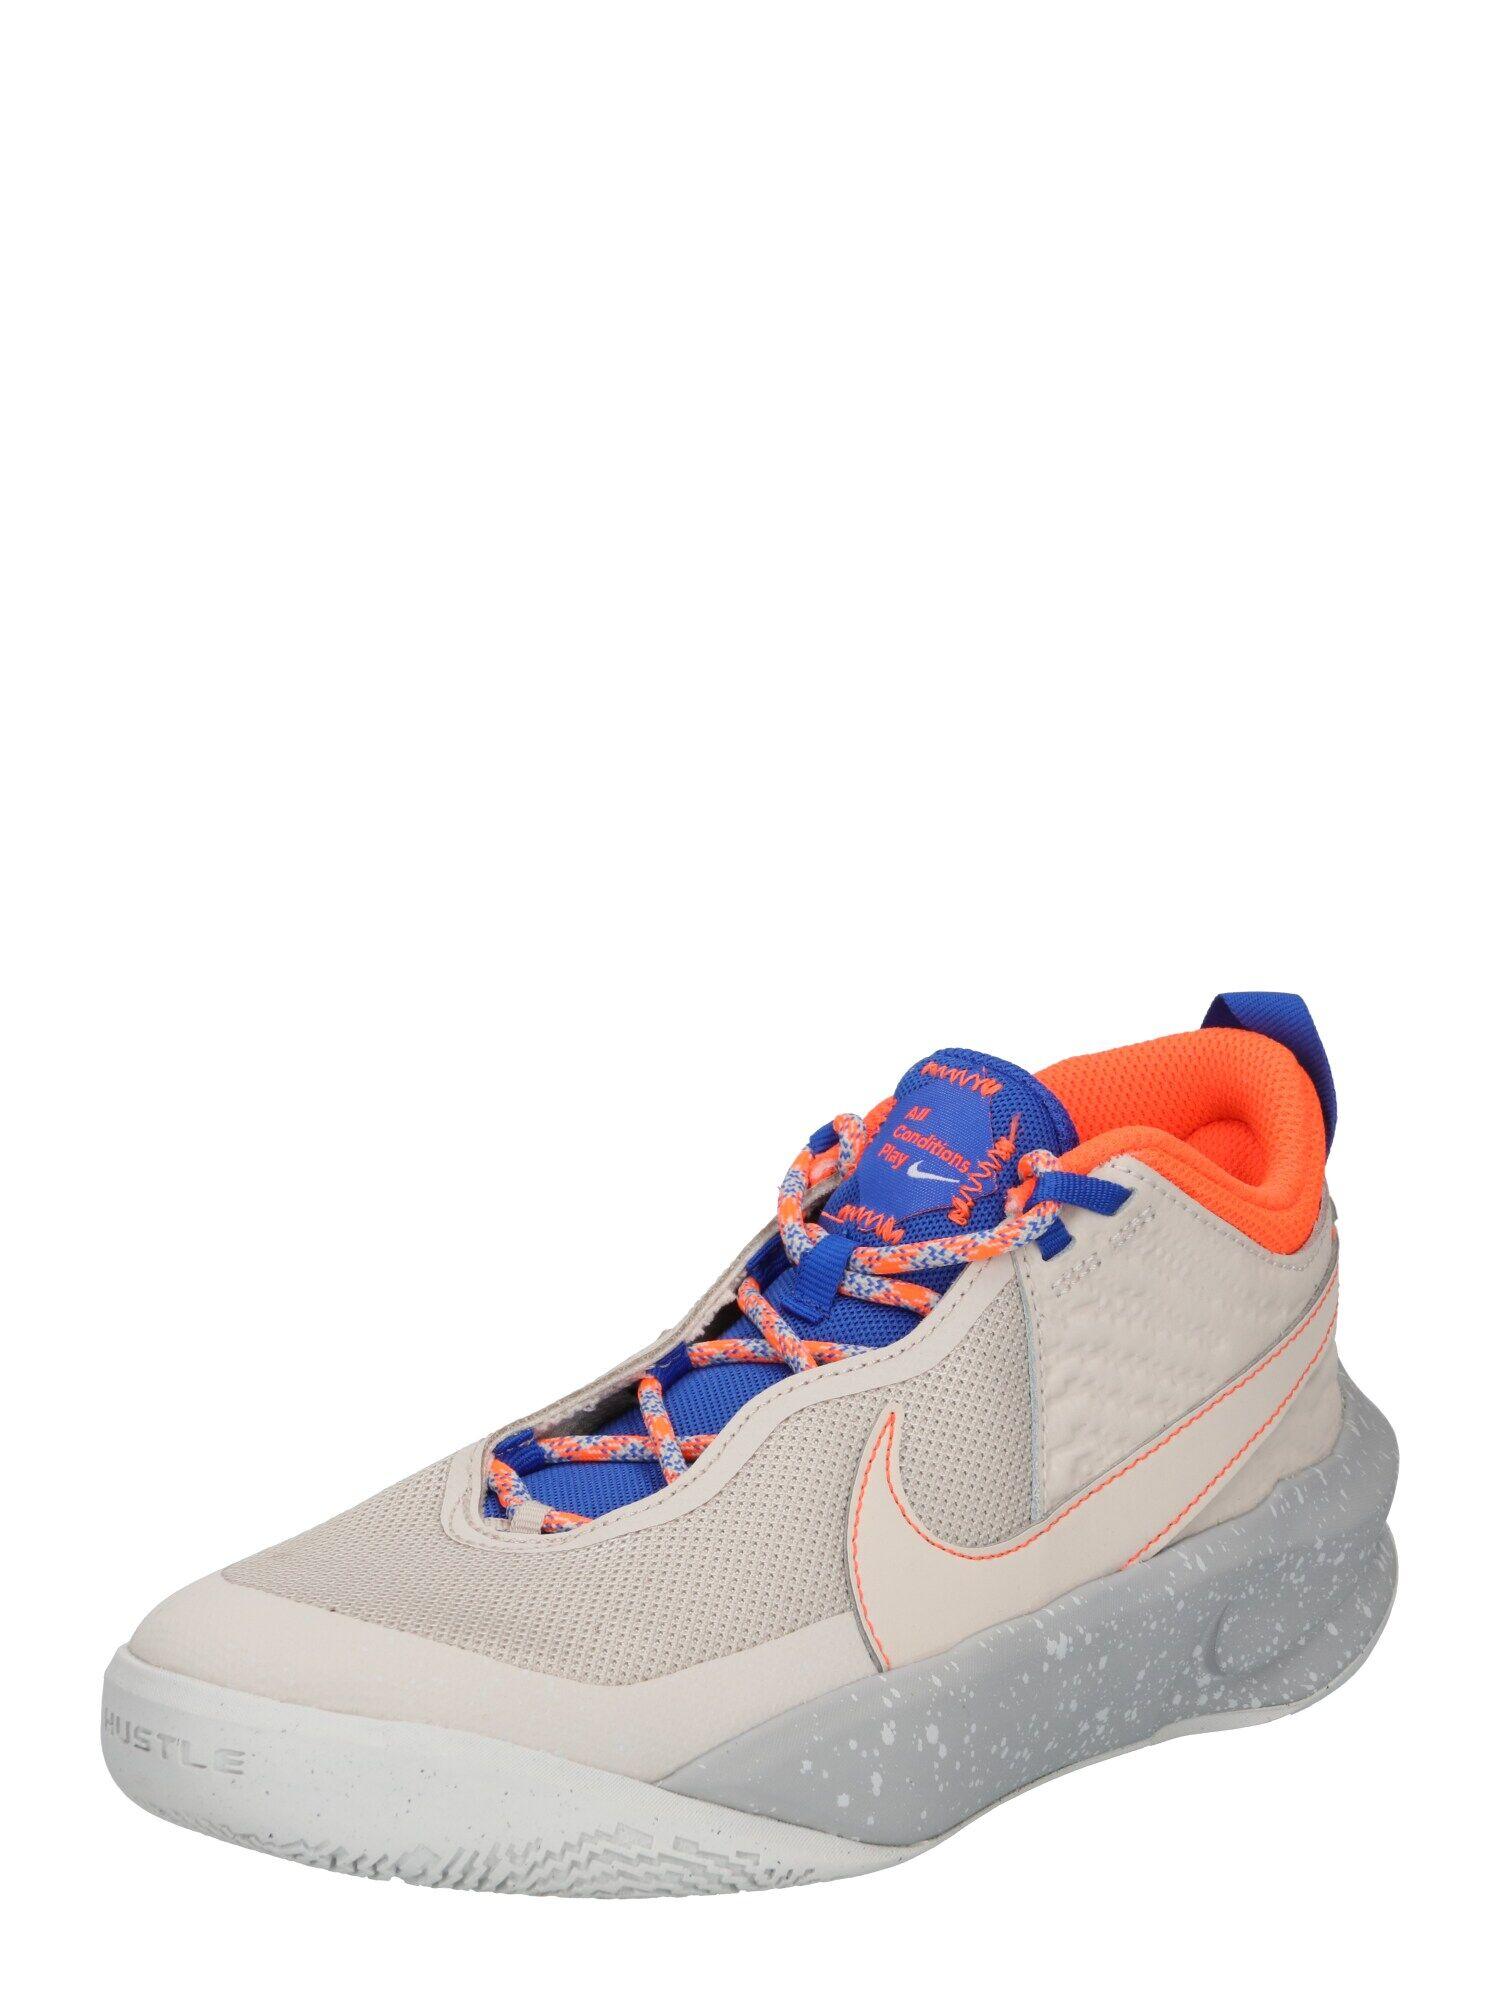 NIKE Chaussure de sport 'Team Hustle'  - Beige - Taille: 4.5Y - boy